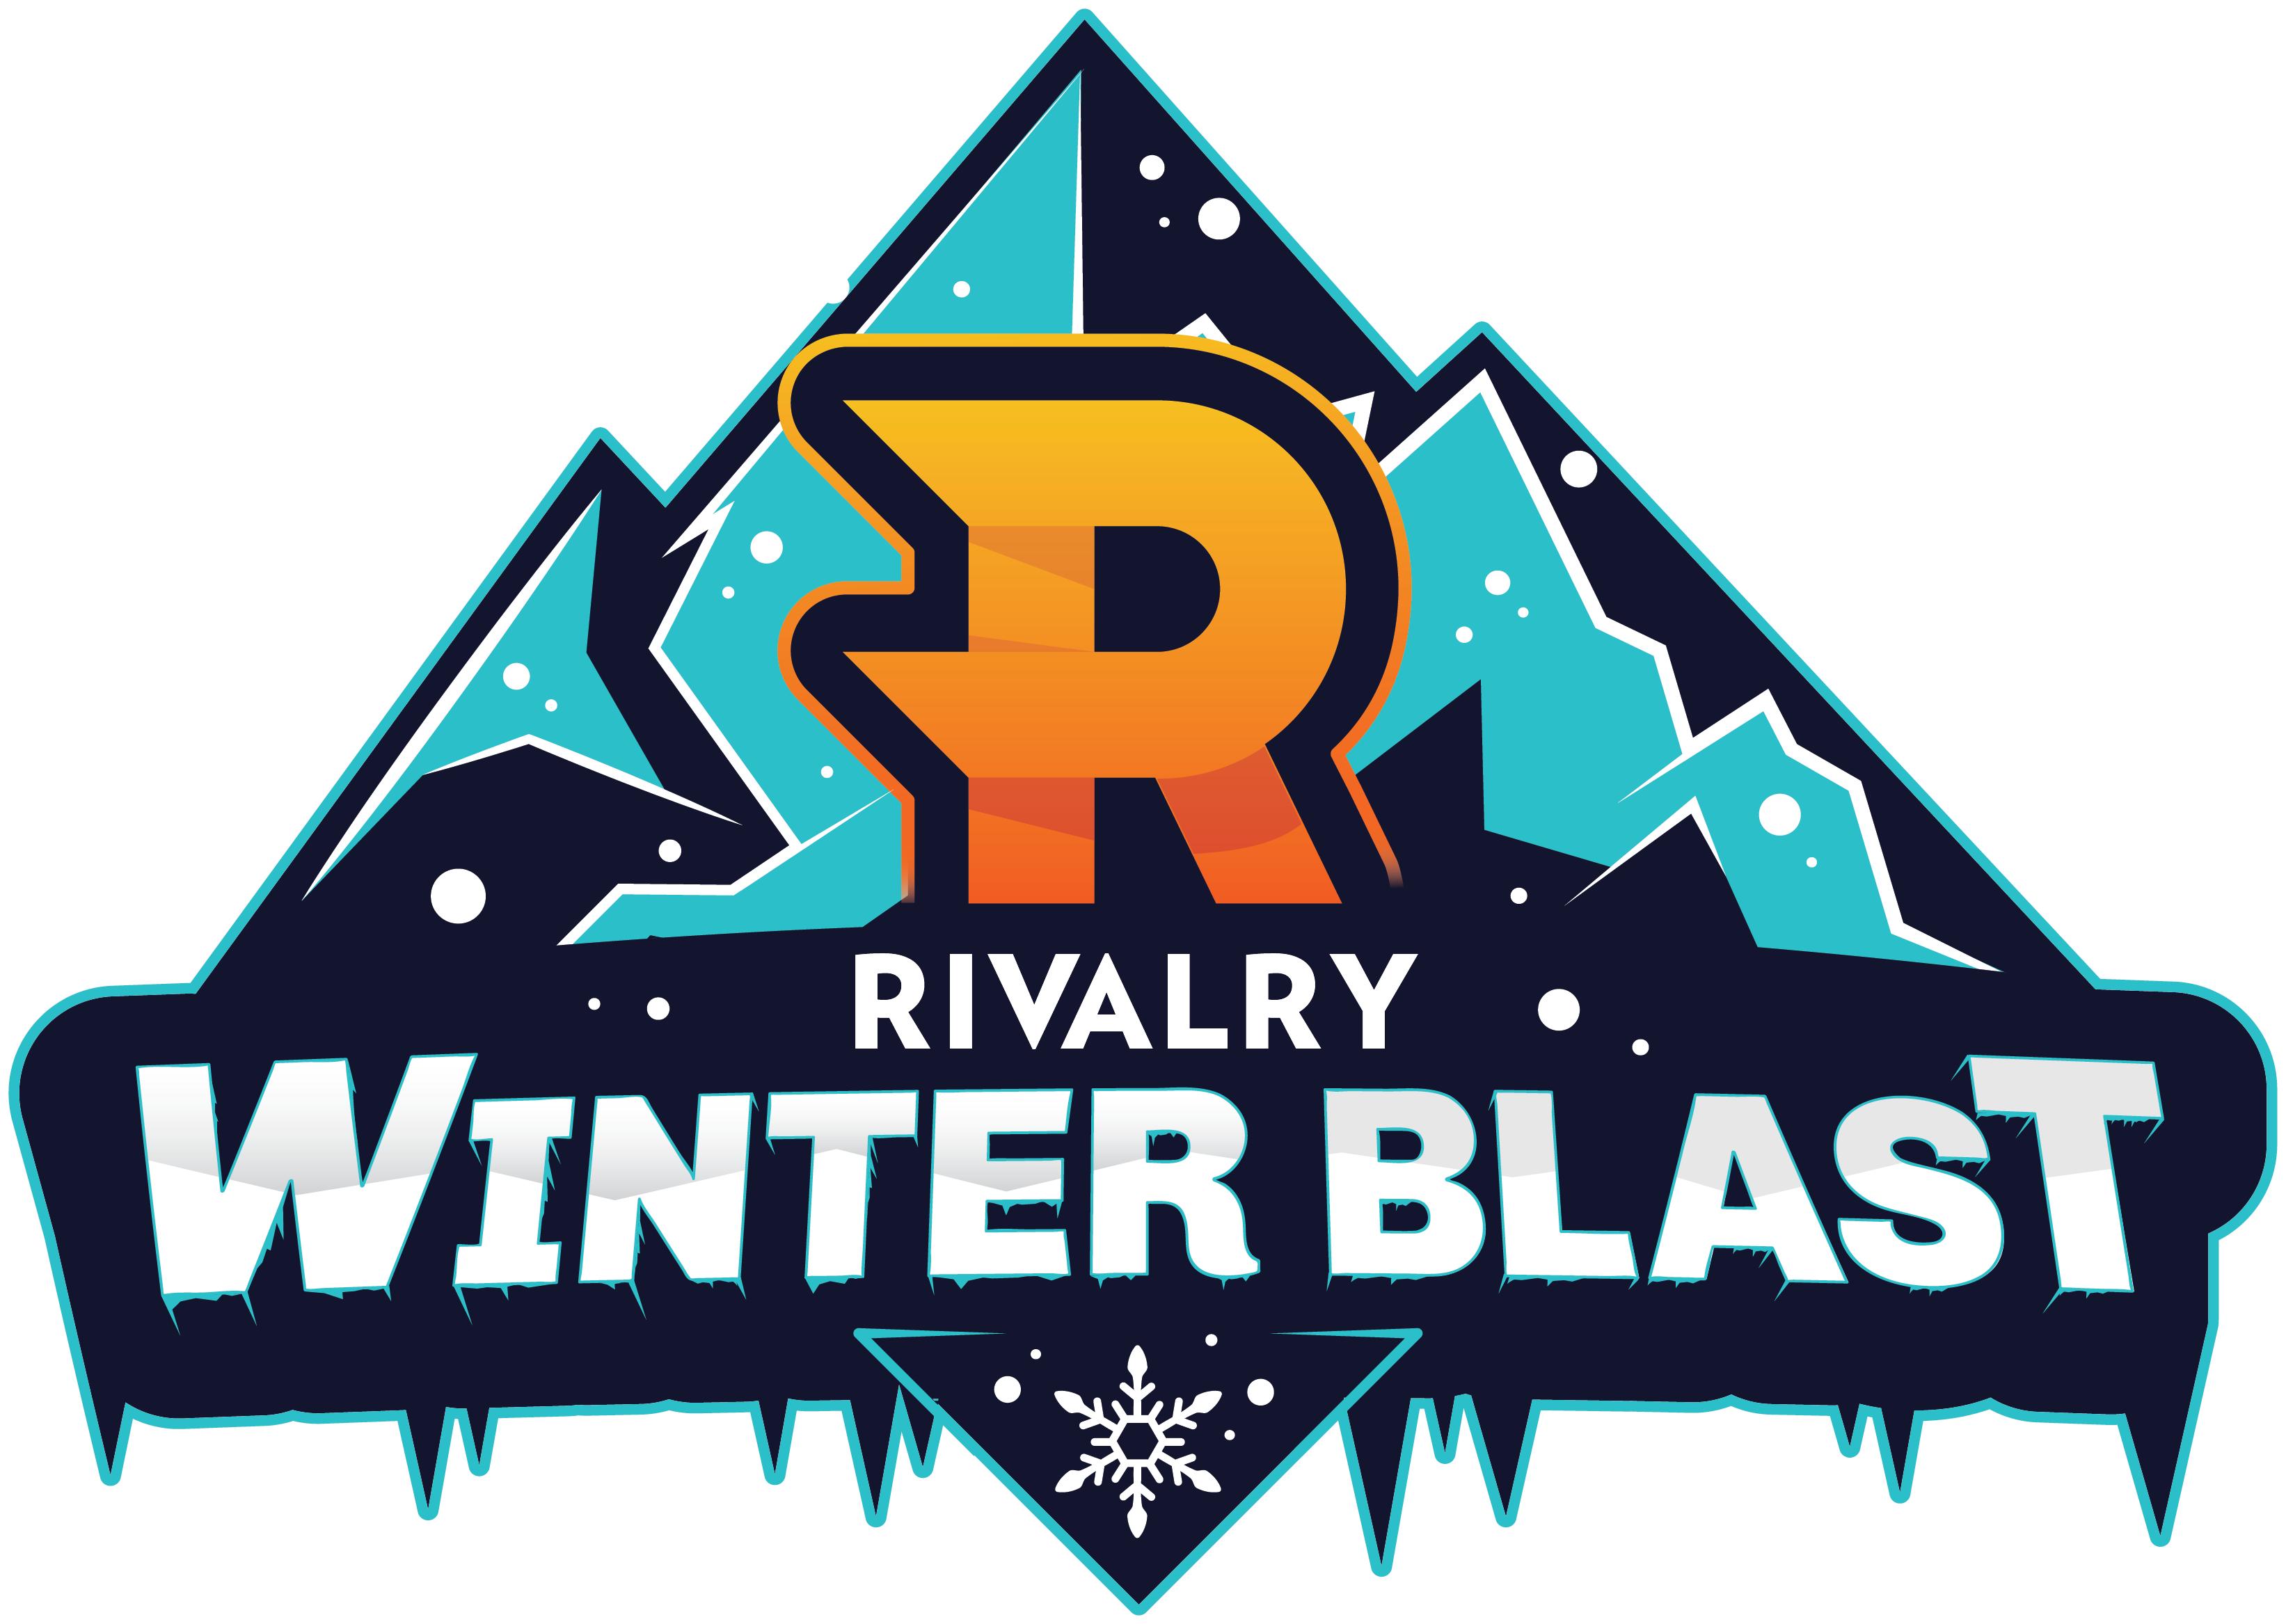 Rivalry Winter Blast Season 2019 Tournament